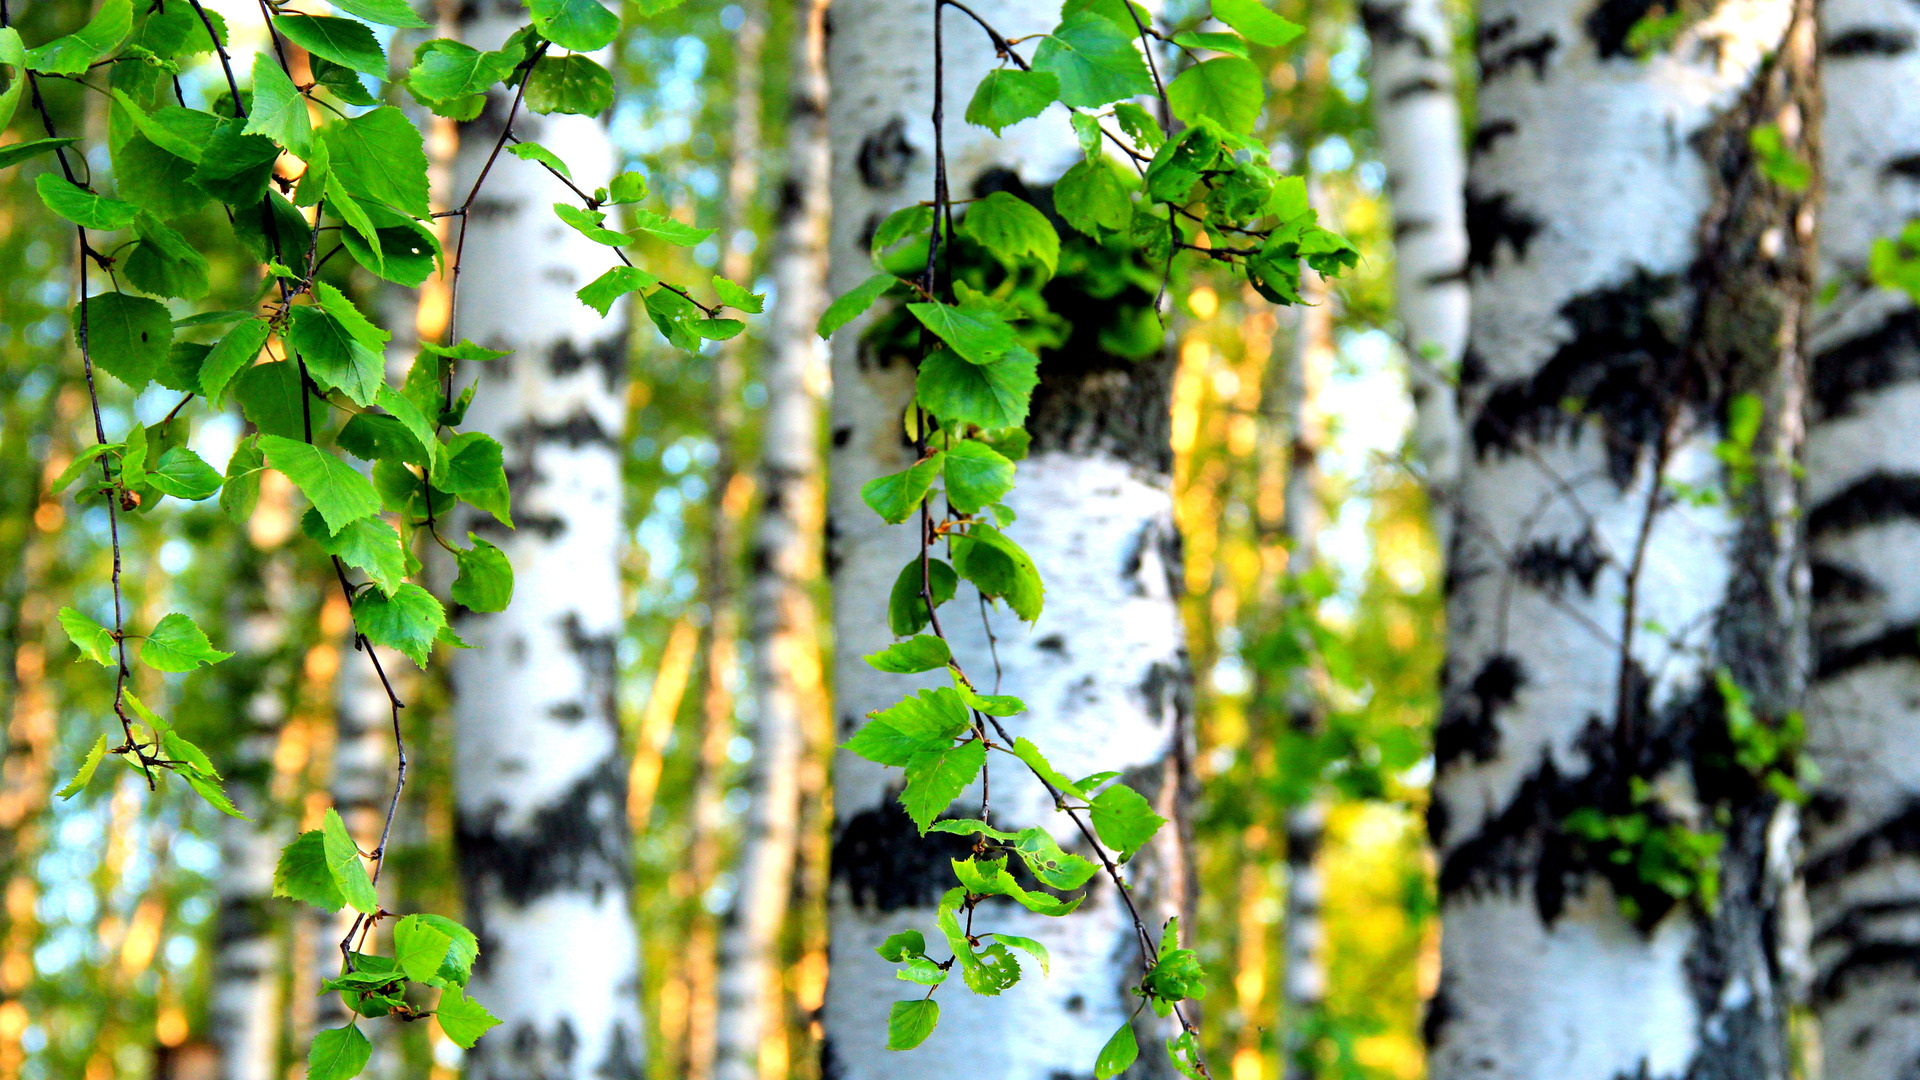 Download Birch forest wallpaper 1920x1080